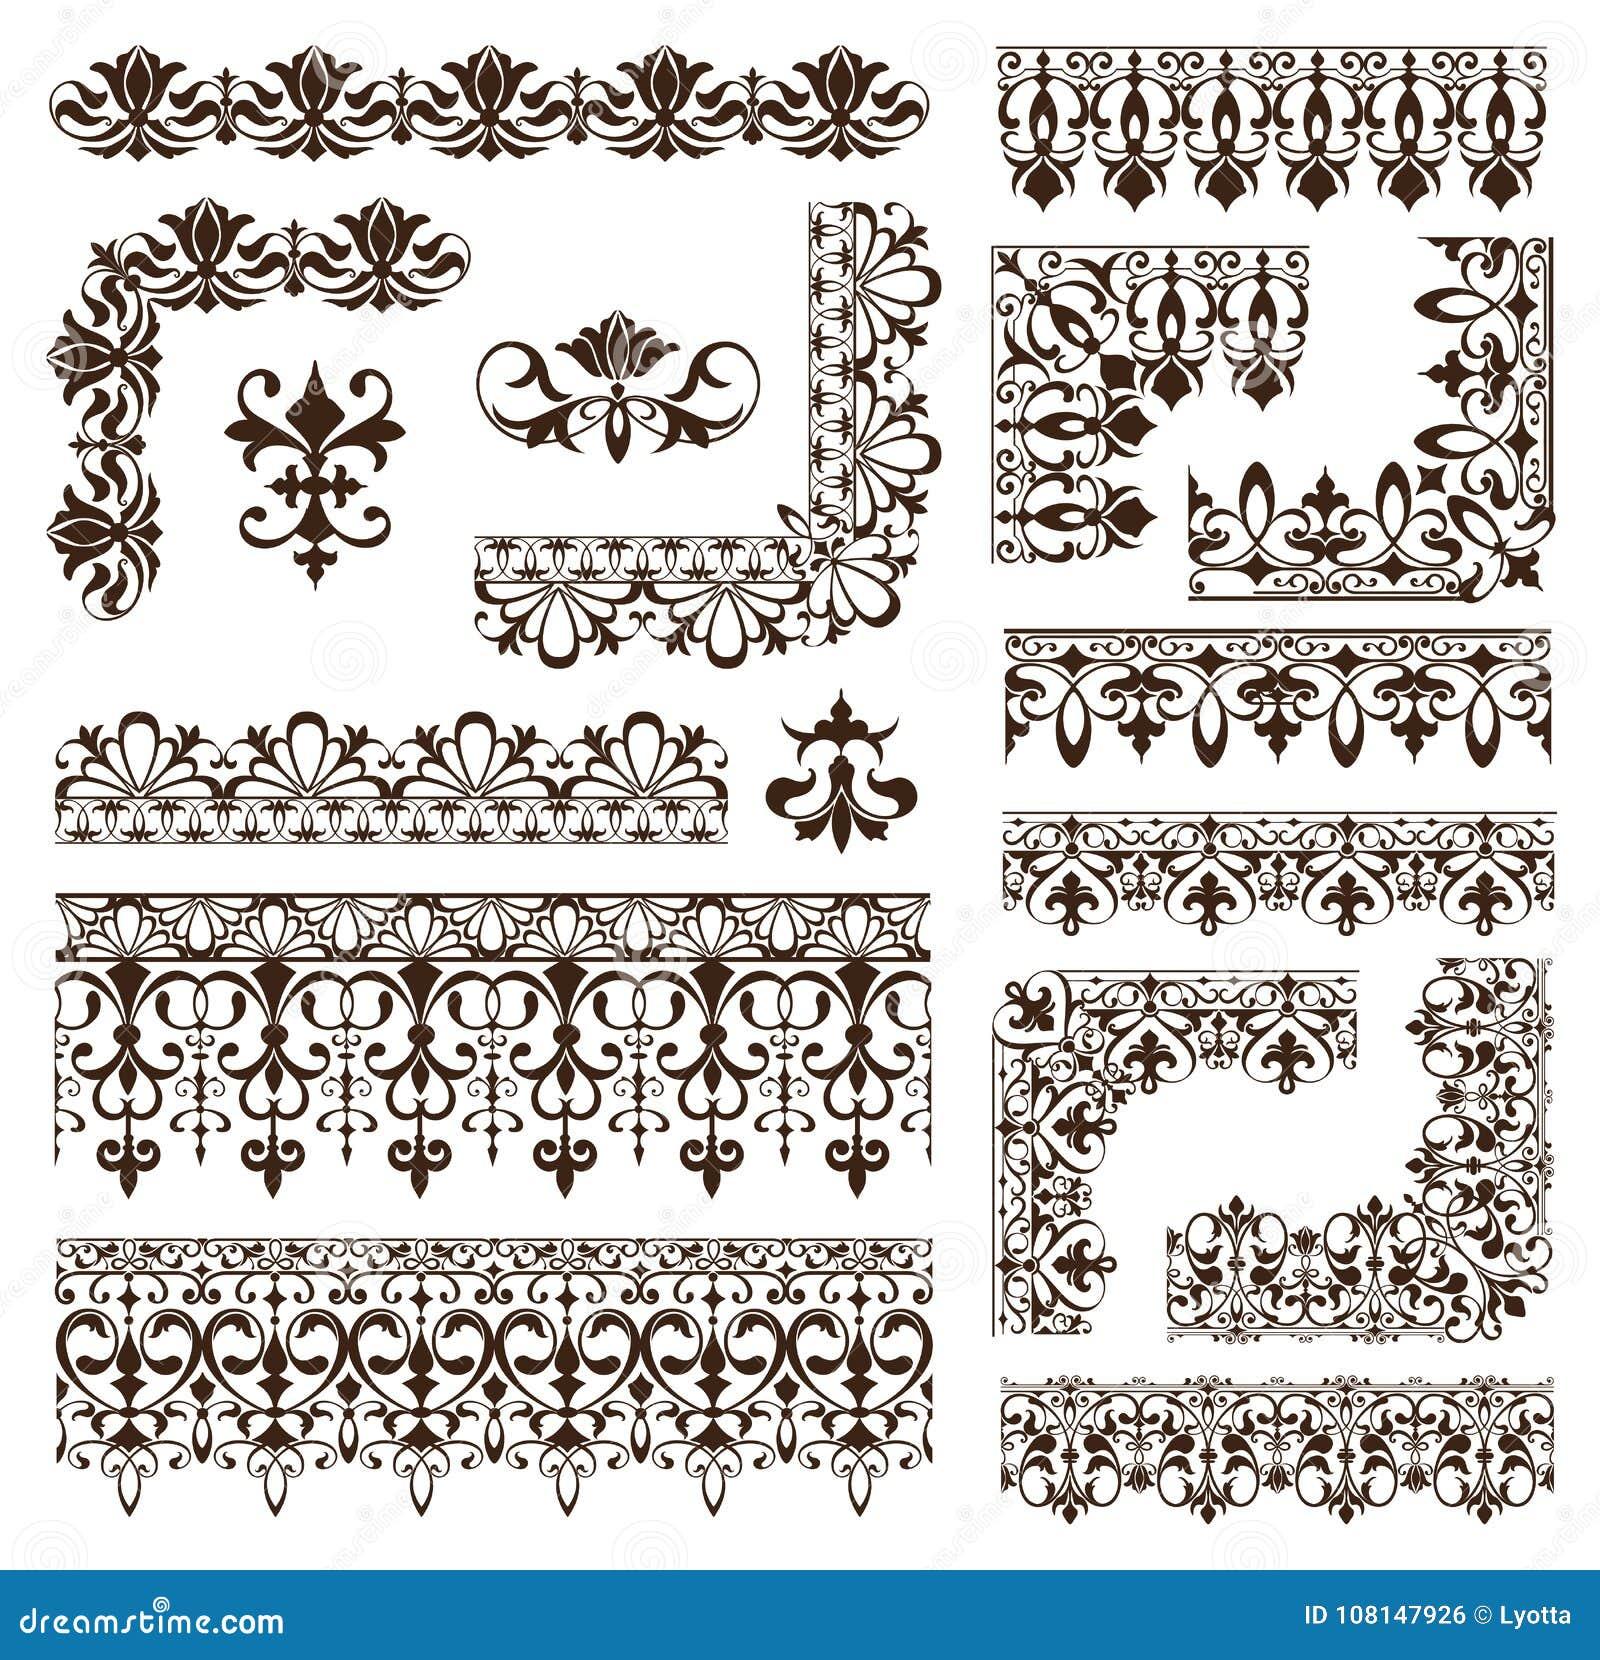 Tappning inramar, tränga någon, gränsar med delikata virvlar i Art Nouveau för garnering, och designen arbetar med blom- motivtap